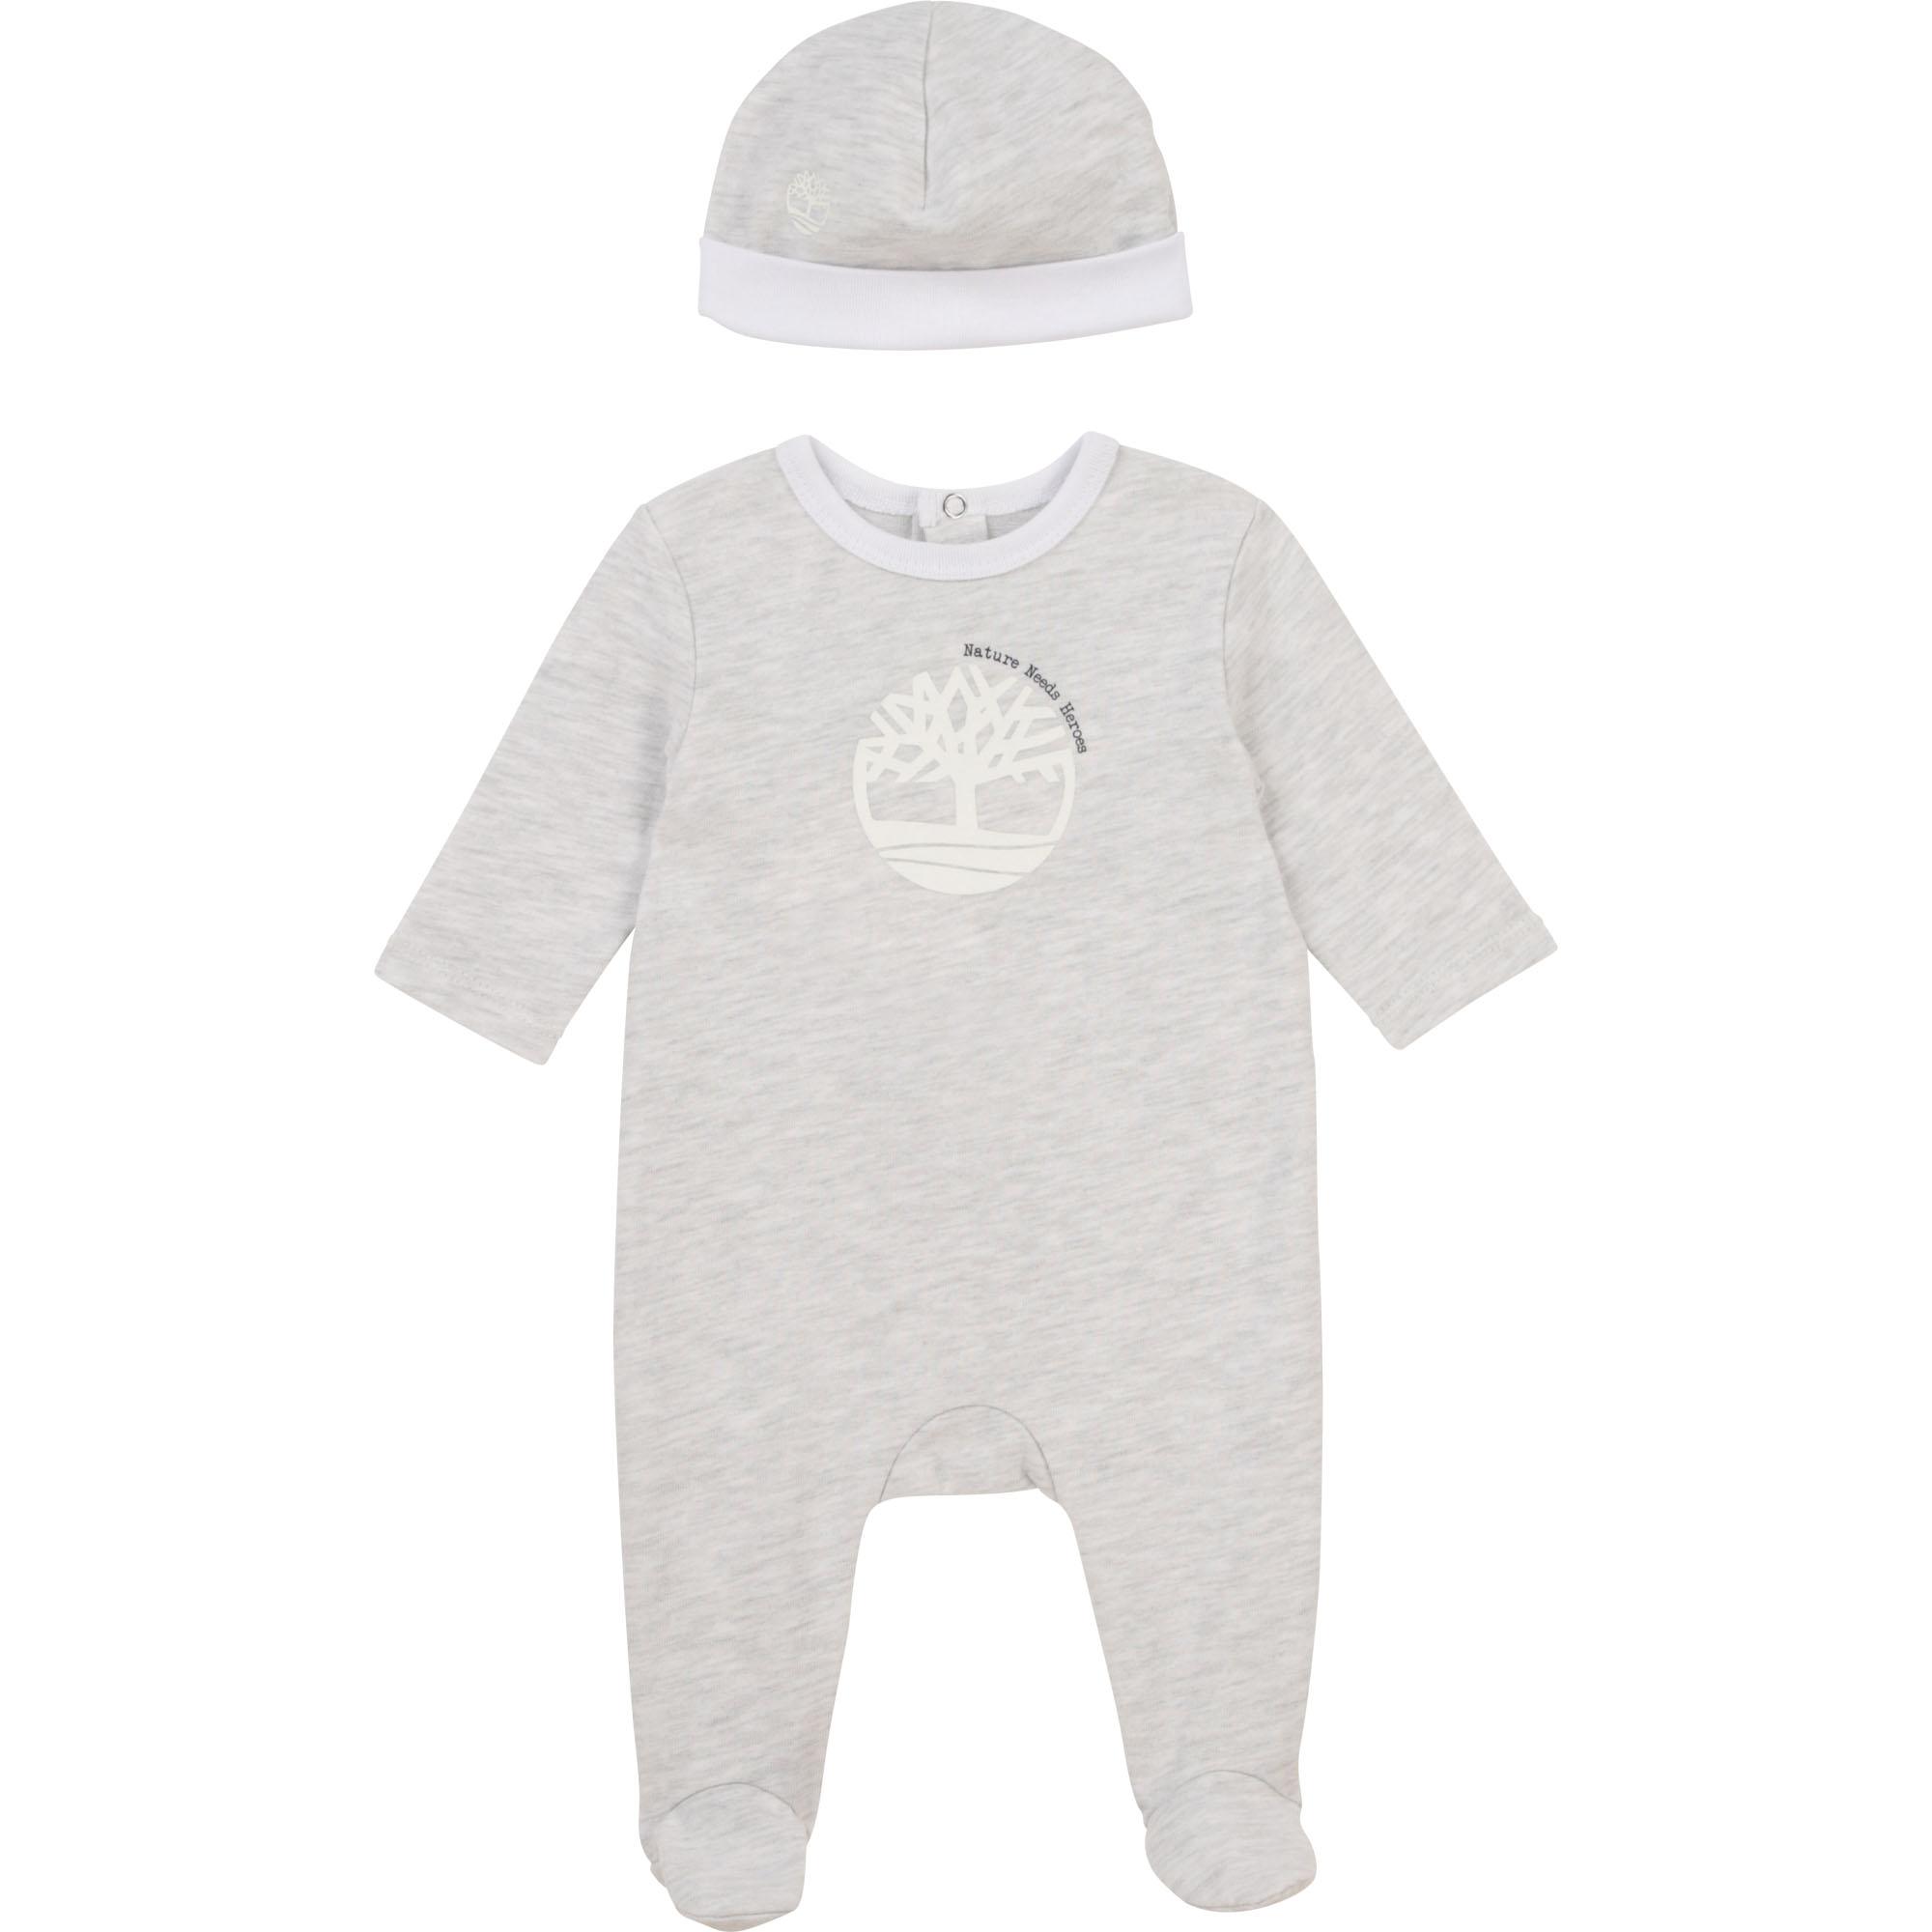 Ensemble pyjama et bonnet en coton biologique TIMBERLAND pour GARCON